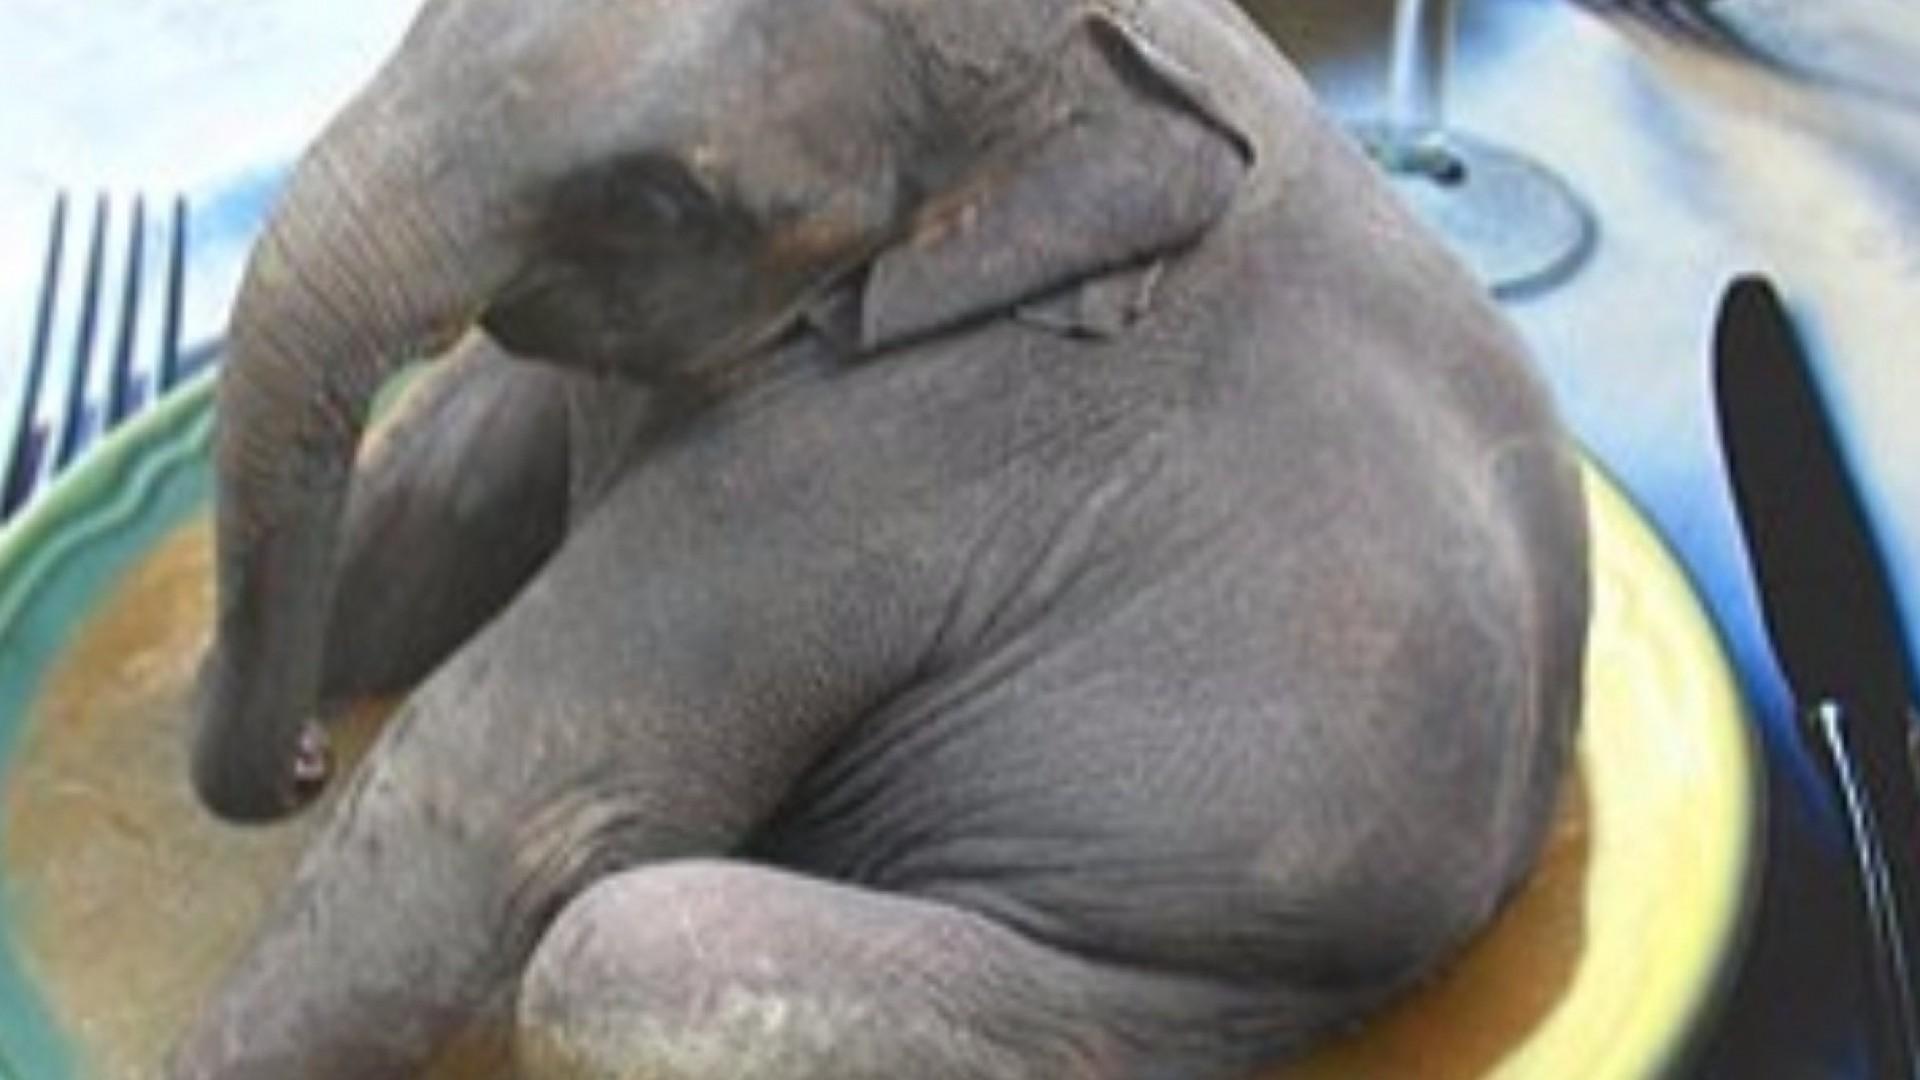 Как съесть слона: учимся решать важные дела